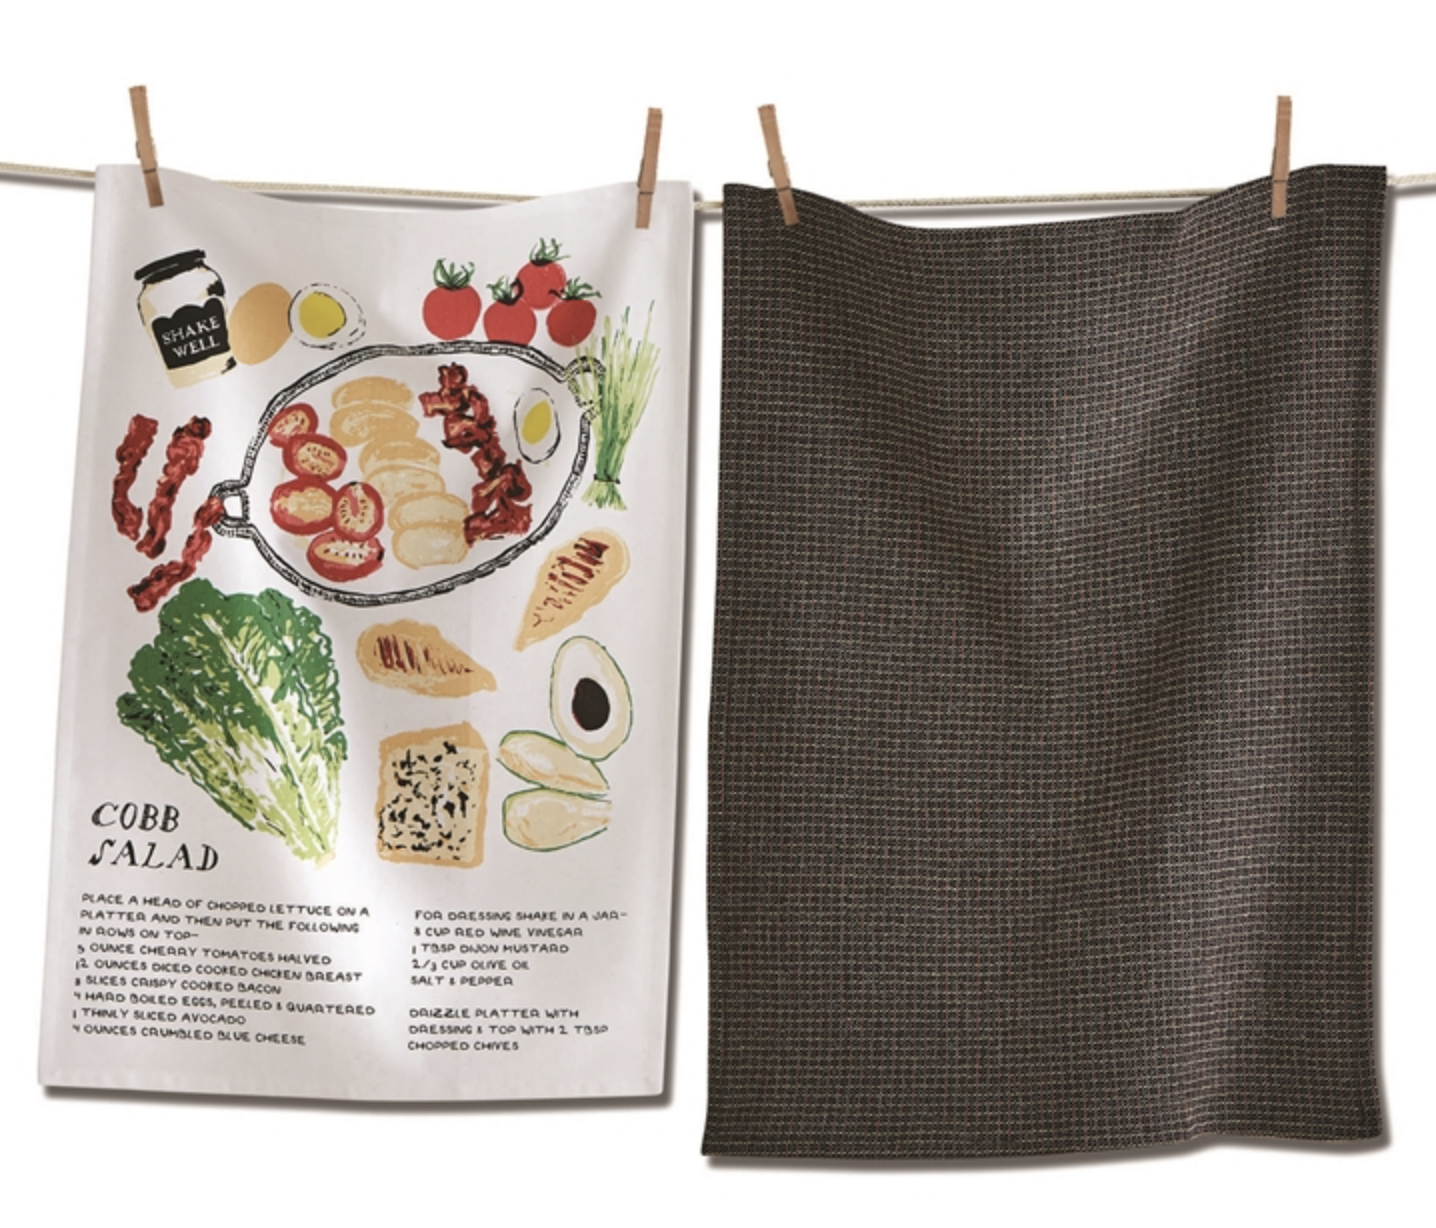 Cobb Salad Dish Towel Set/2